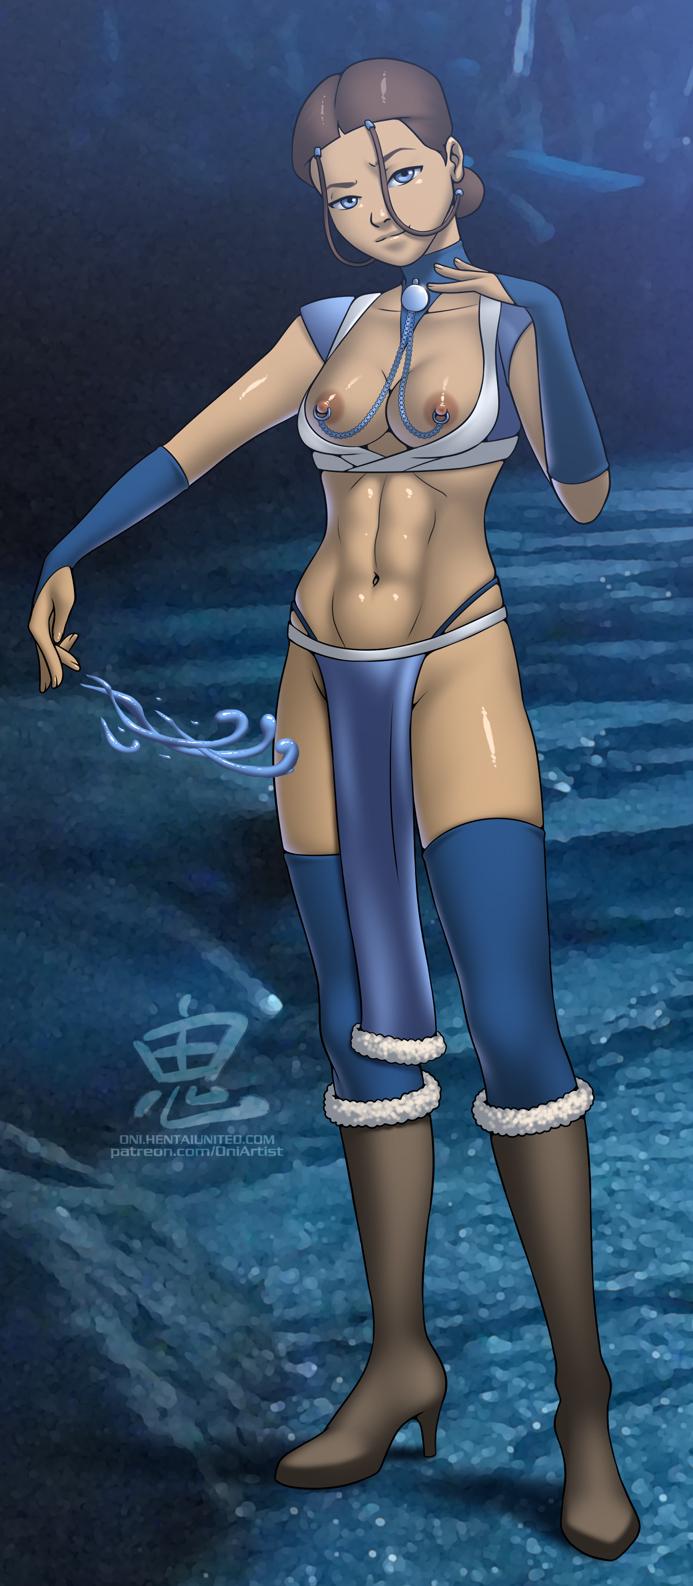 1757972 - Avatar_the_Last_Airbender Katara Oni.jpg